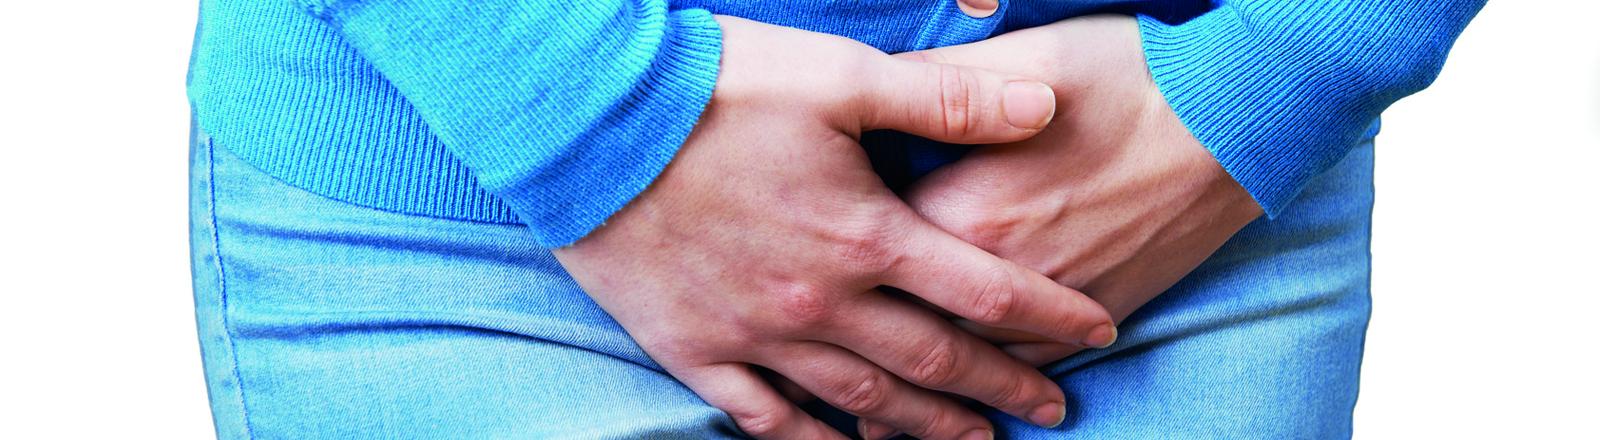 Fisioterapia en incontinencia de orina